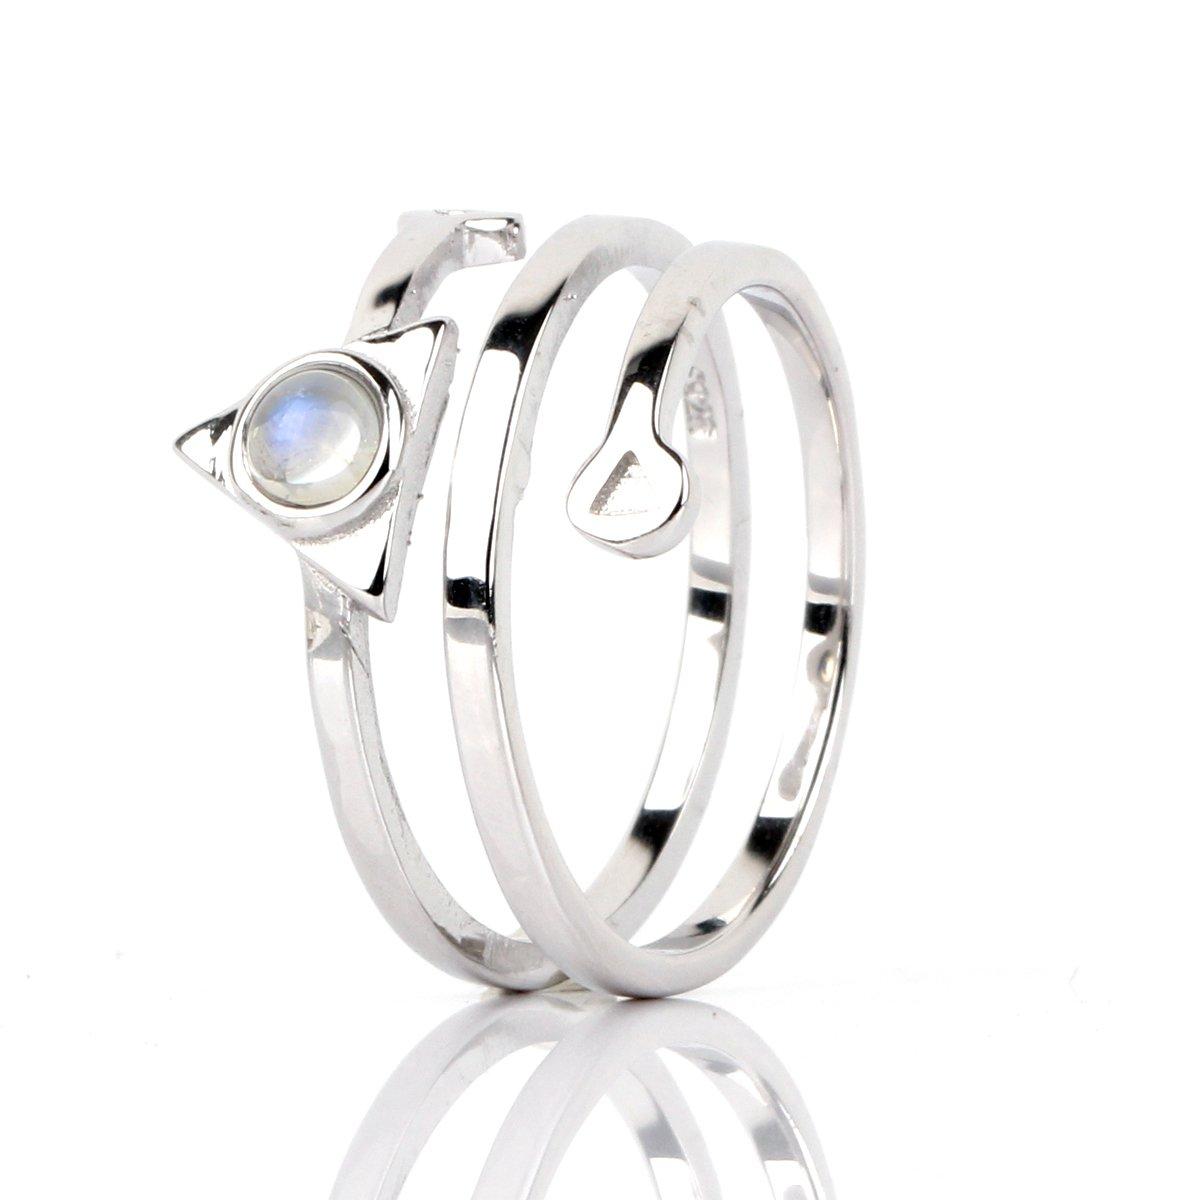 Luna Azure Natural Moonstone 925 Sterling Silver Adjustable Unisex Ring